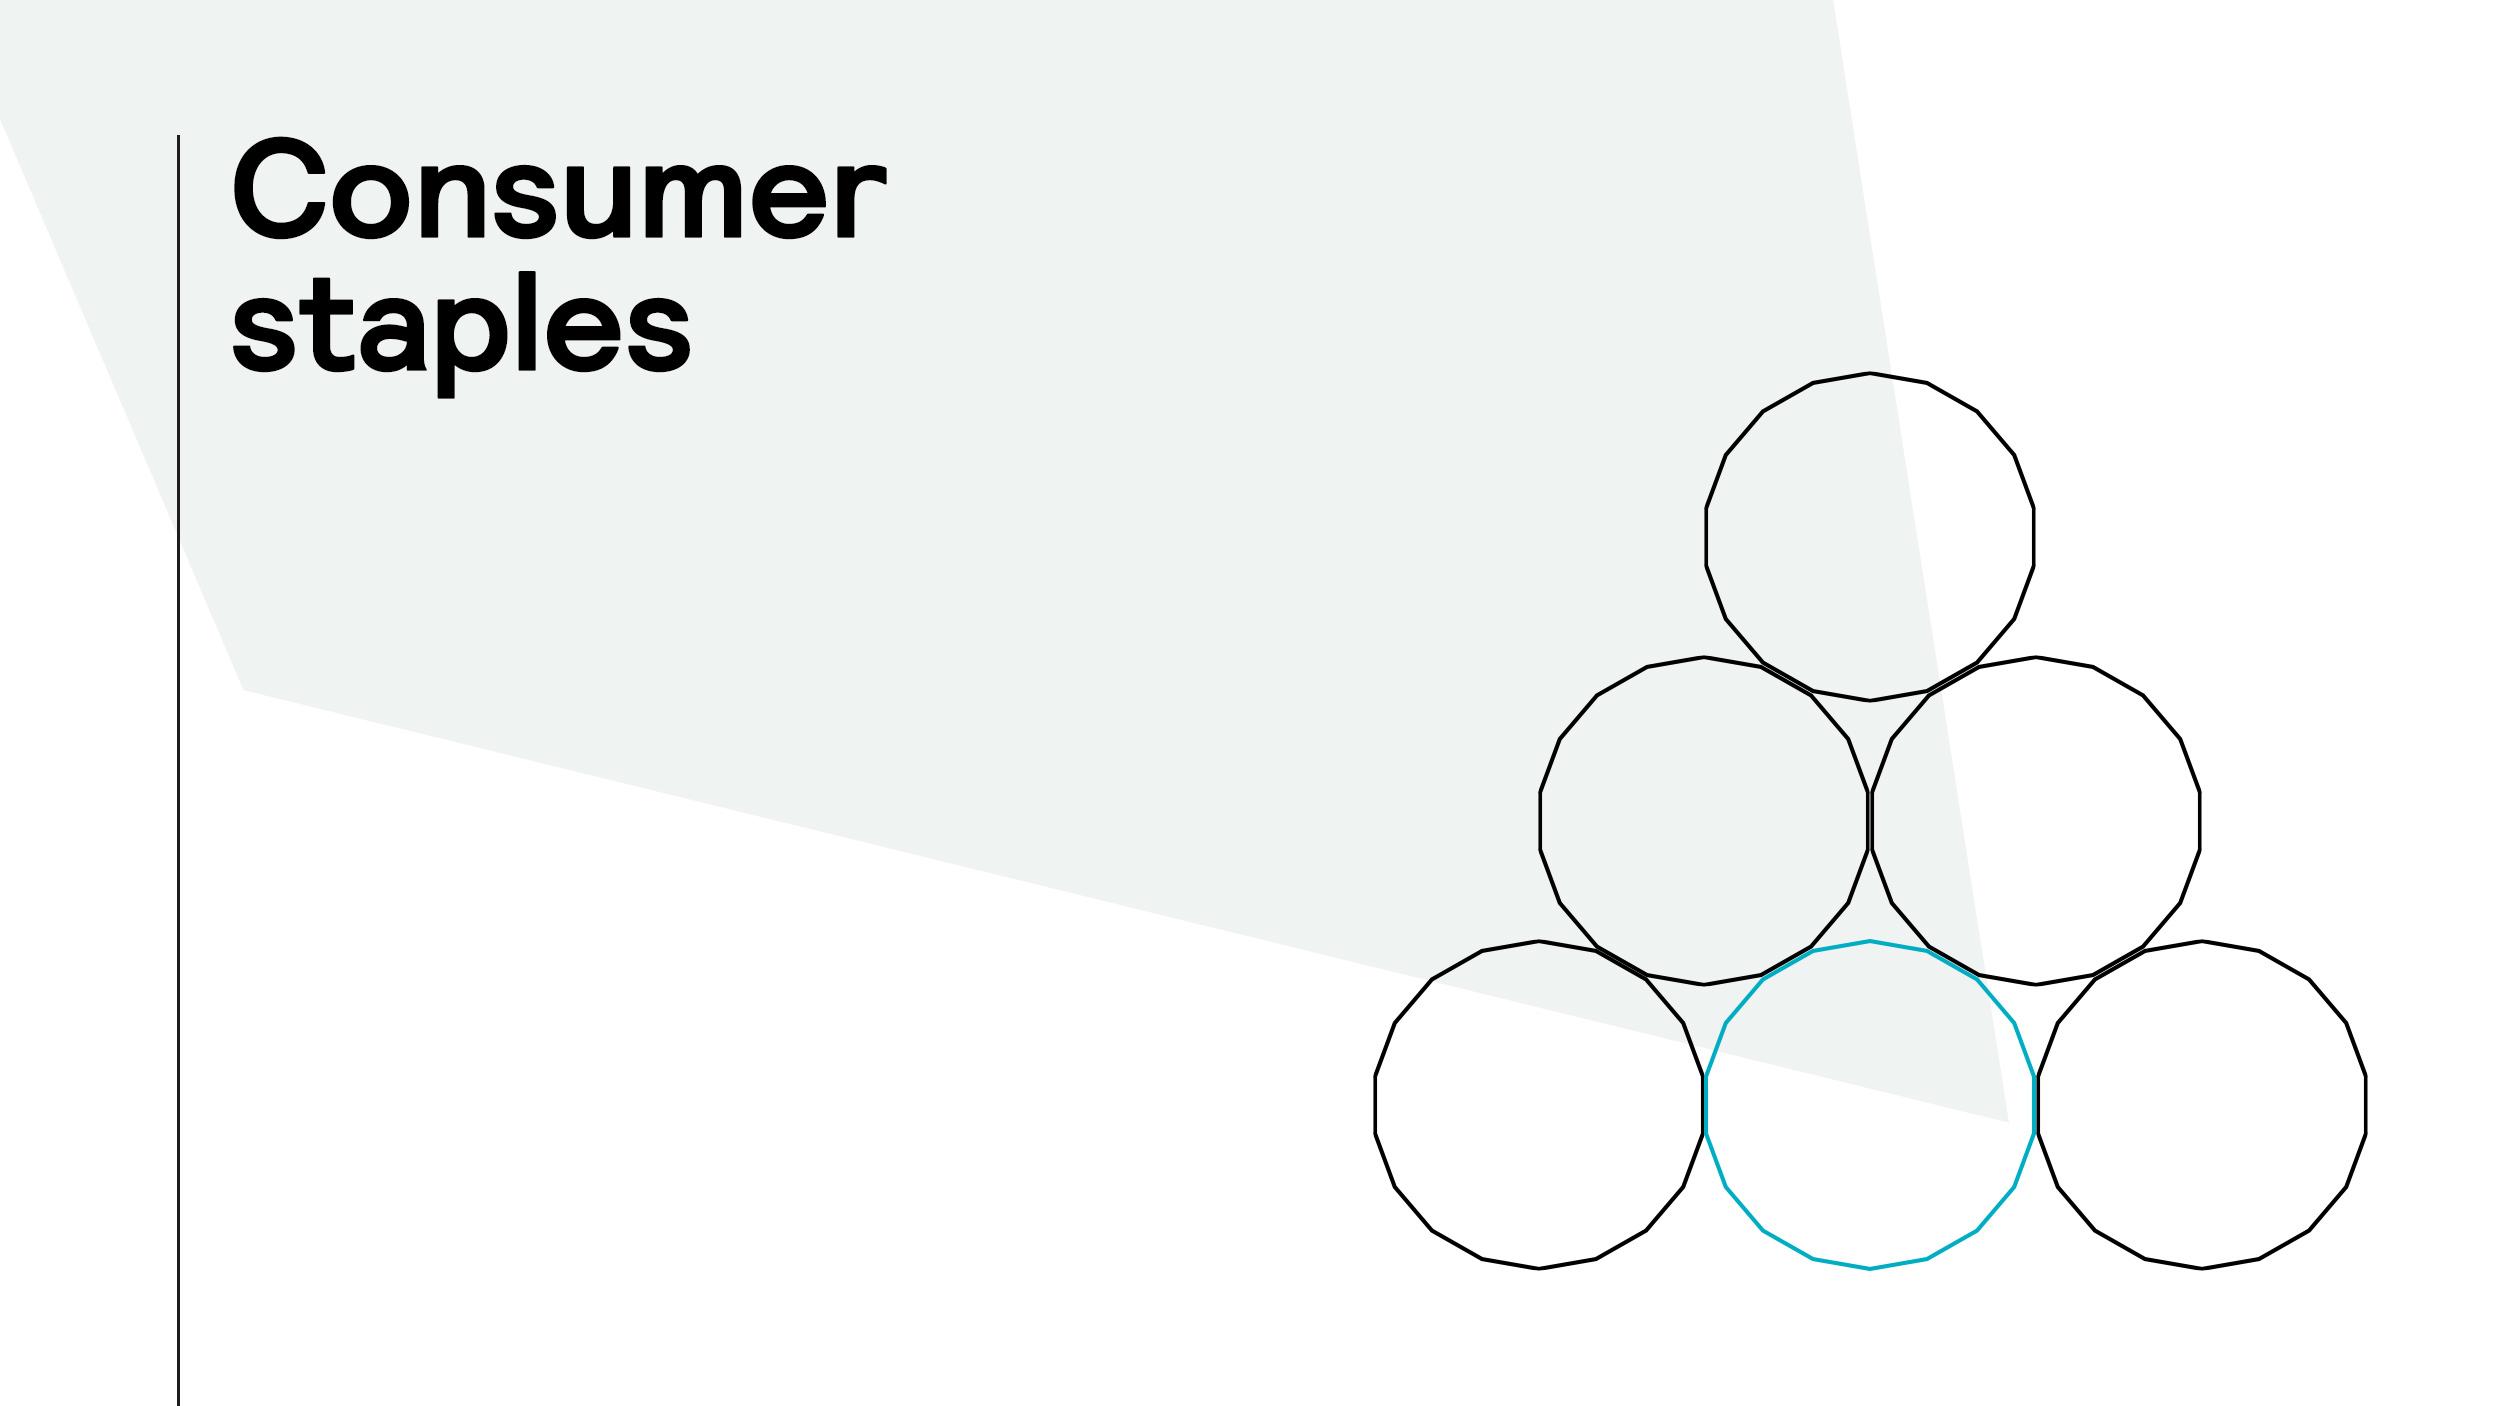 Future Brand Index 2021 Consumer staples